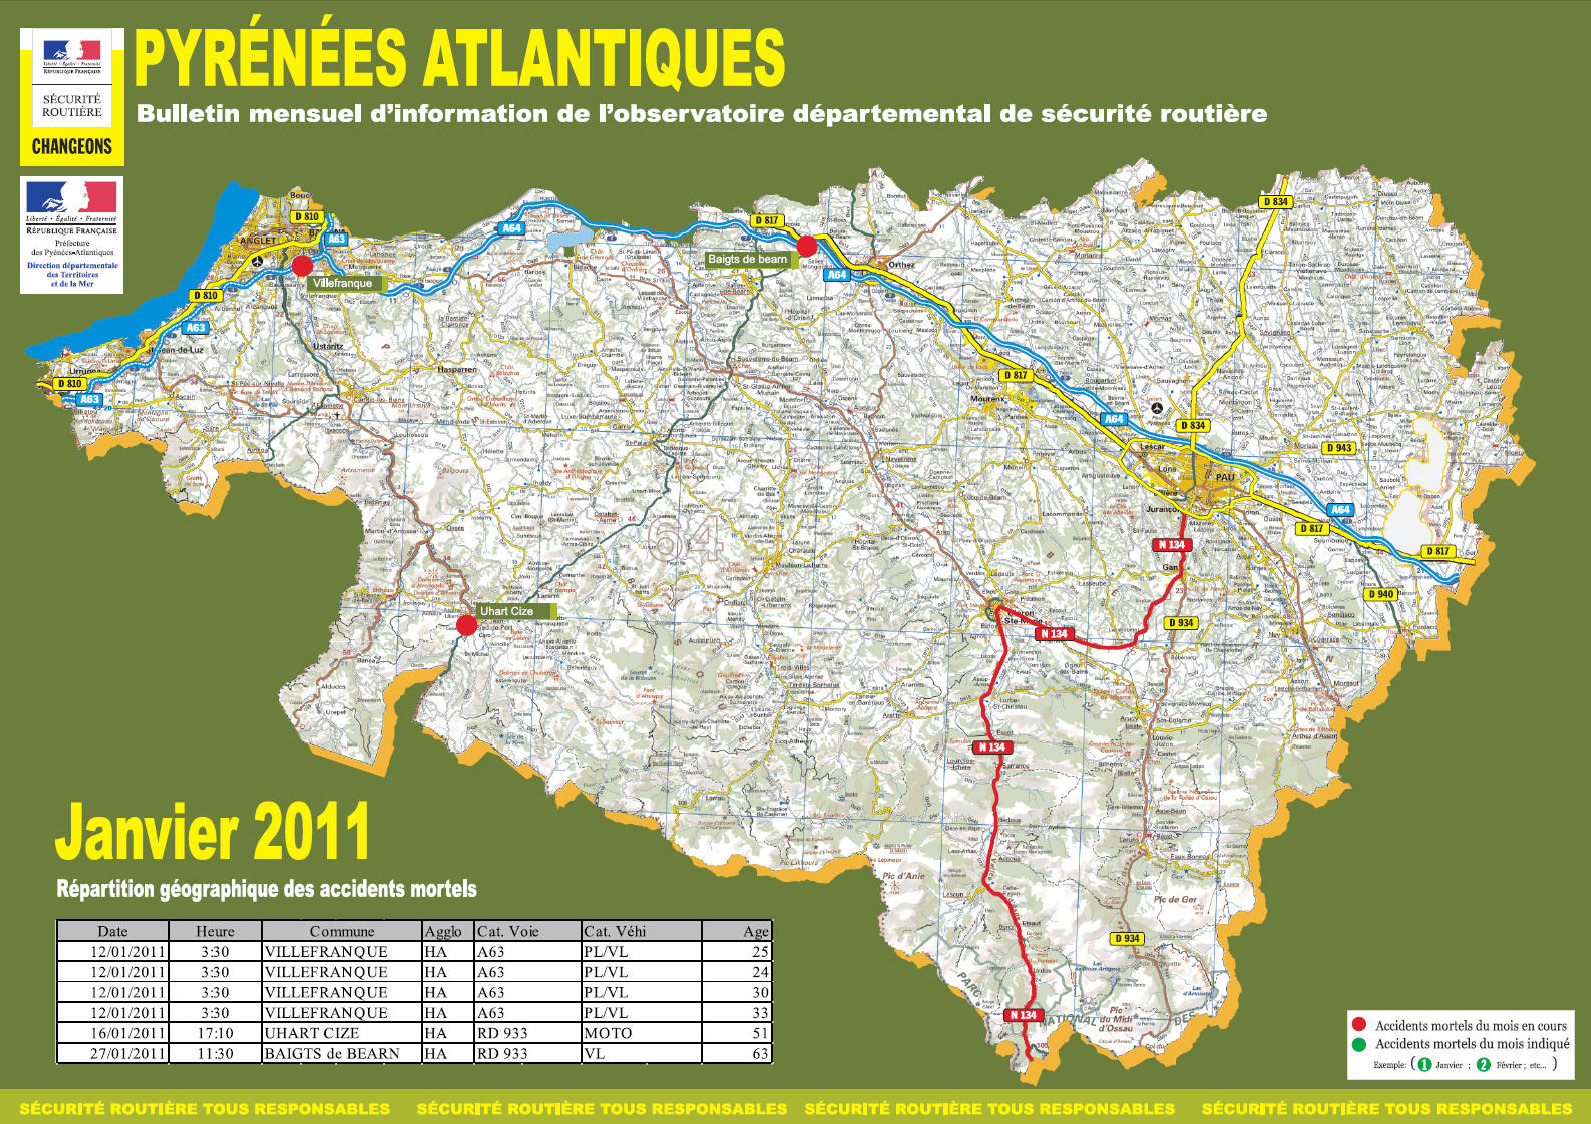 Accidentologie Pyrénées-Atlantiques Janvier 2011